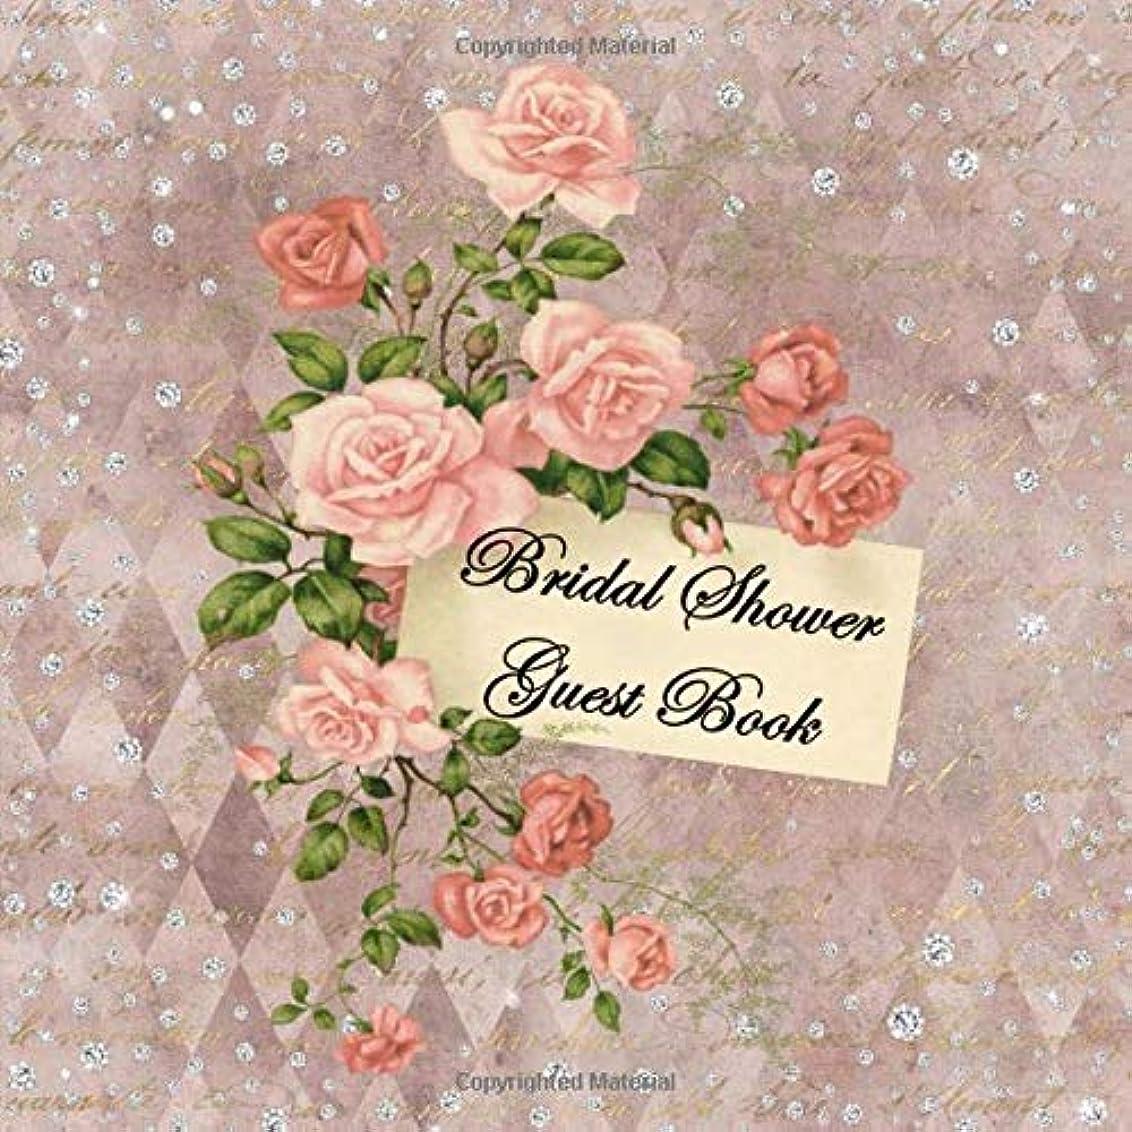 コンパス飛ぶ耐えられるBridal Shower Guest Book: for Sign In Wishes Messages and Comments Includes Gift Log Brown & Peach Floral Flowers